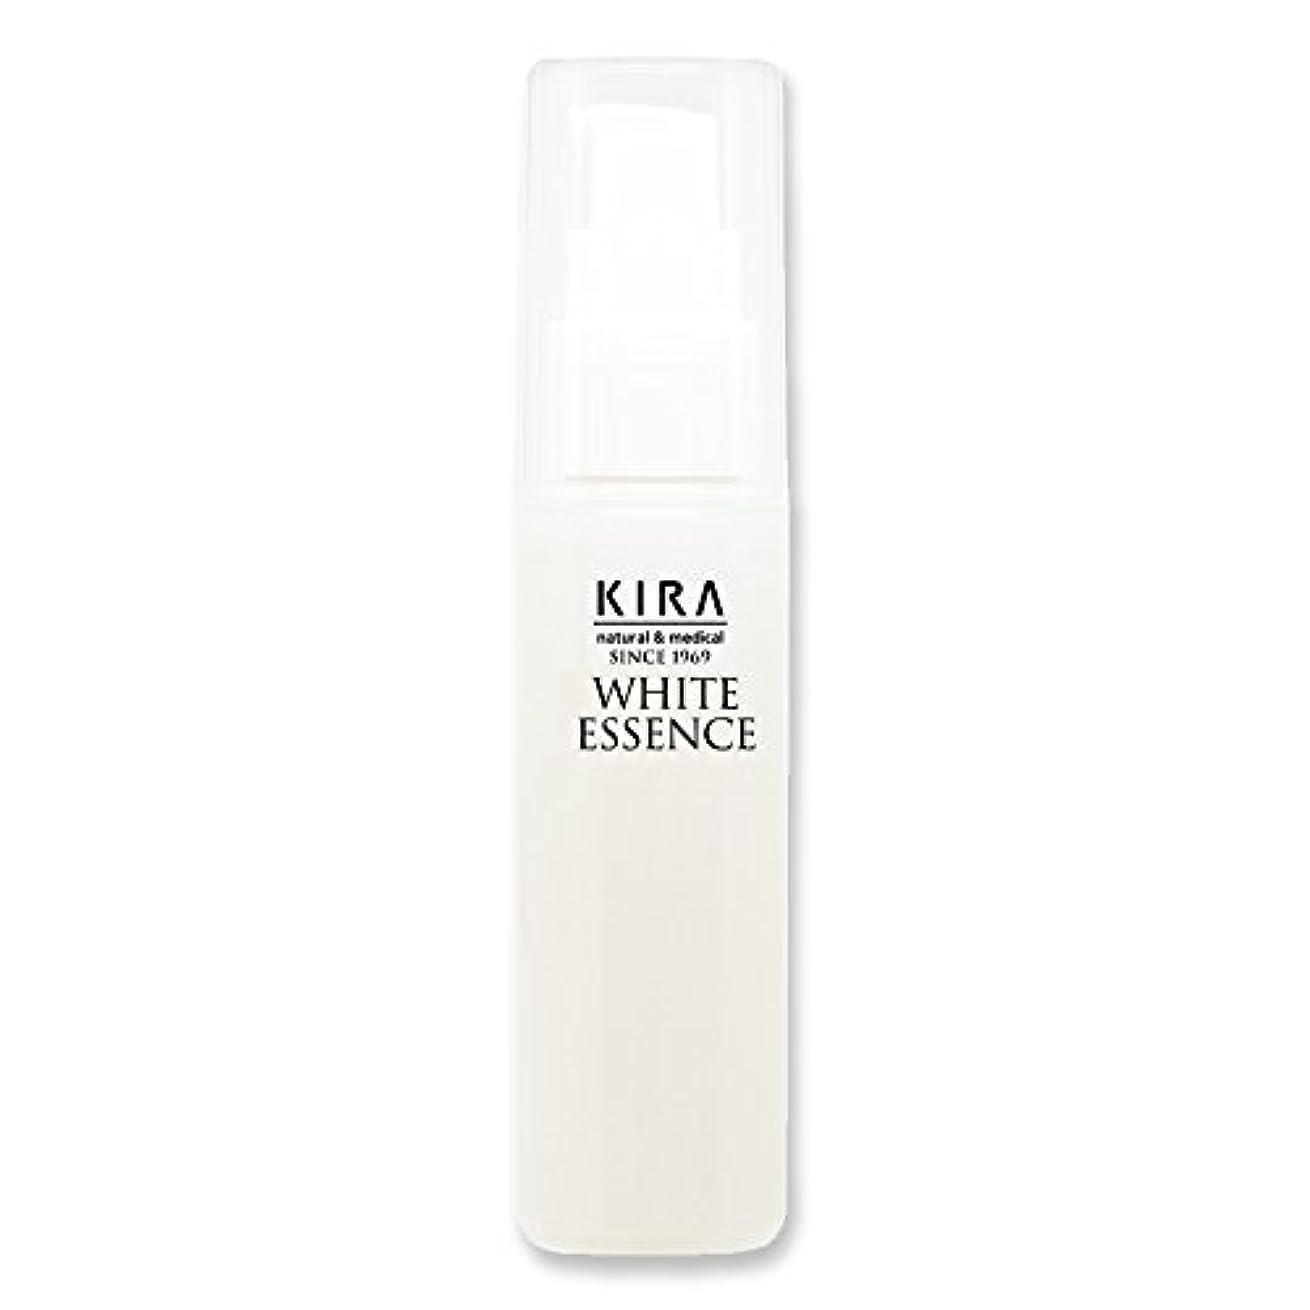 拒絶するカバーアレキサンダーグラハムベル綺羅化粧品 ホワイトエッセンス (美容液)